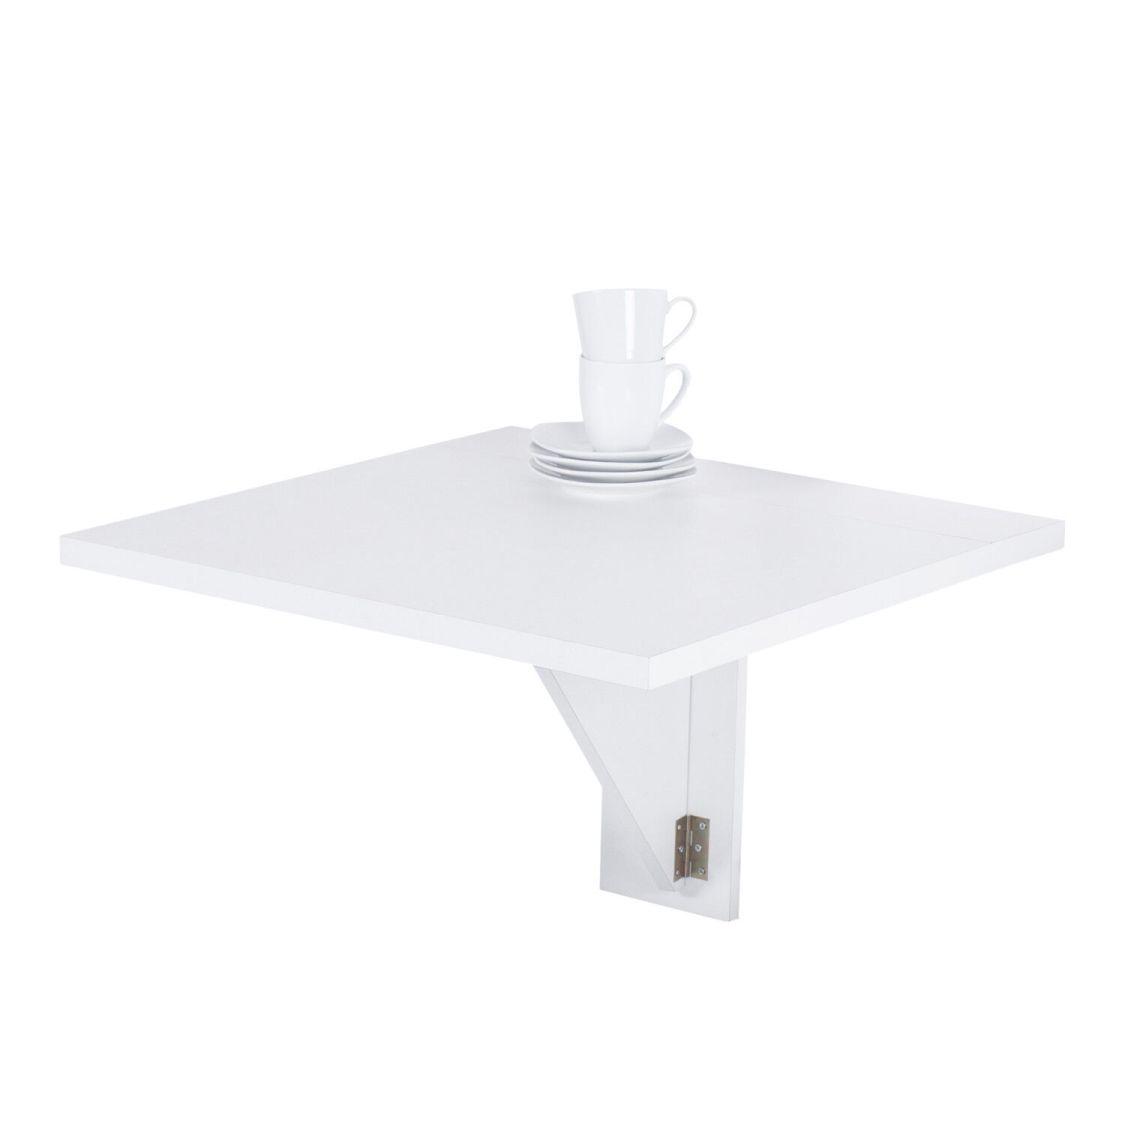 Wandtisch Luca I klappbar Klapptisch Minitisch Küchentisch Weiß